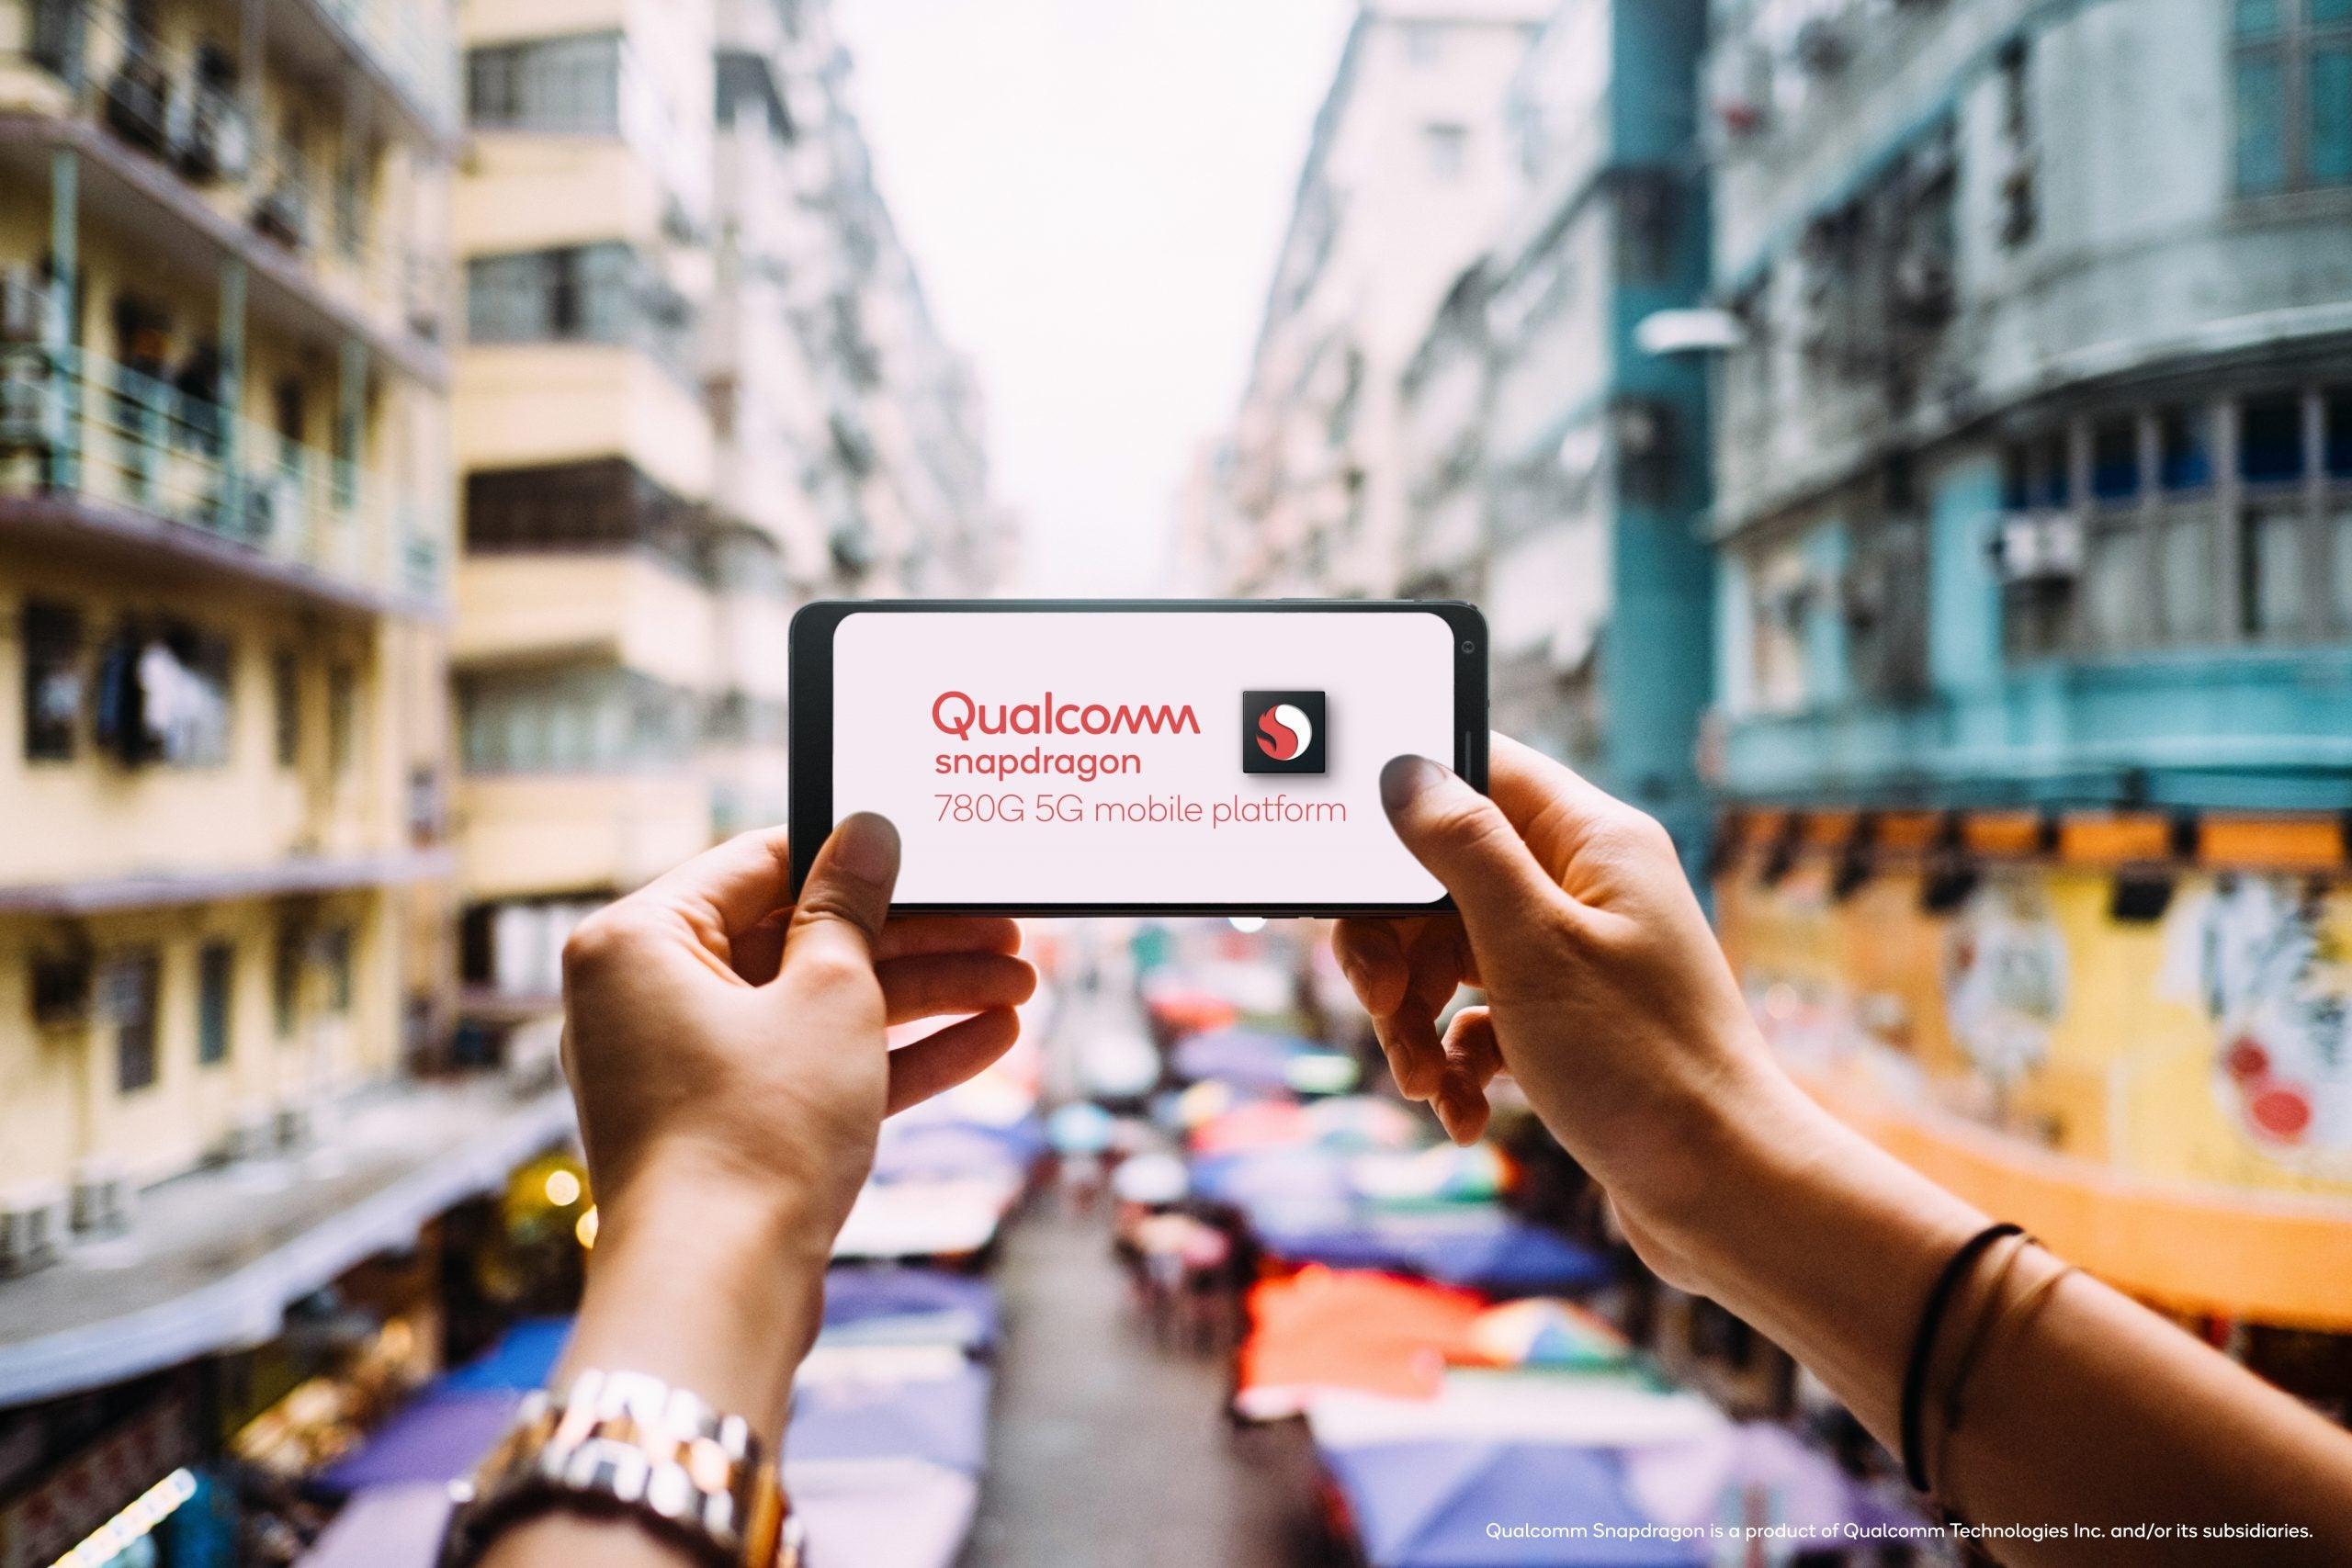 Snapdragon 780G 5G: Qualcomm's new mid-range chipset explained